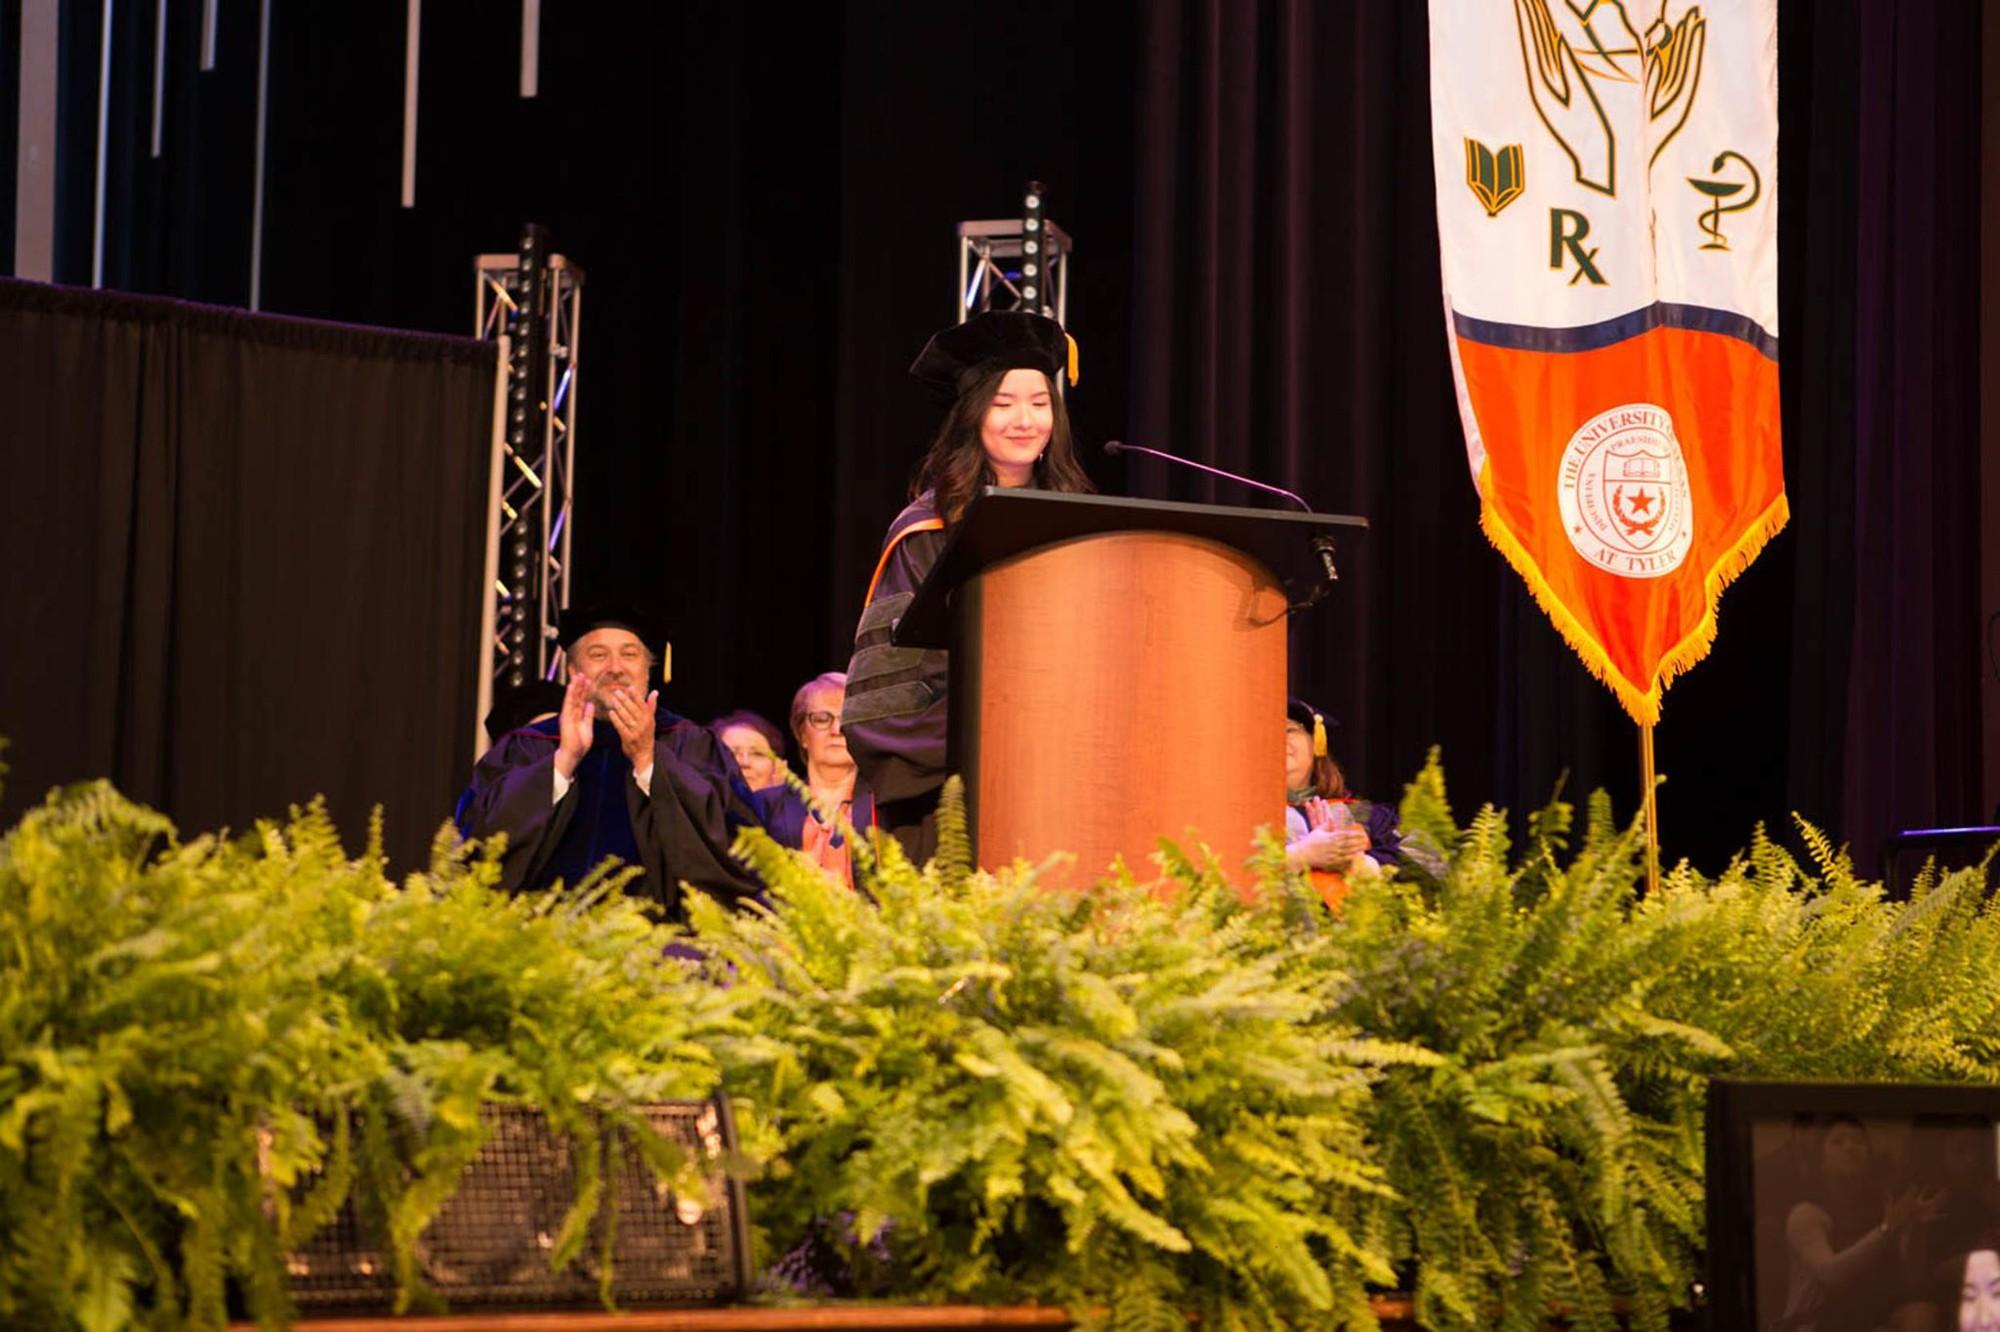 Nữ du học sinh Việt trở thành thủ khoa đầu tiên của ngành Dược tại trường đại học Mỹ